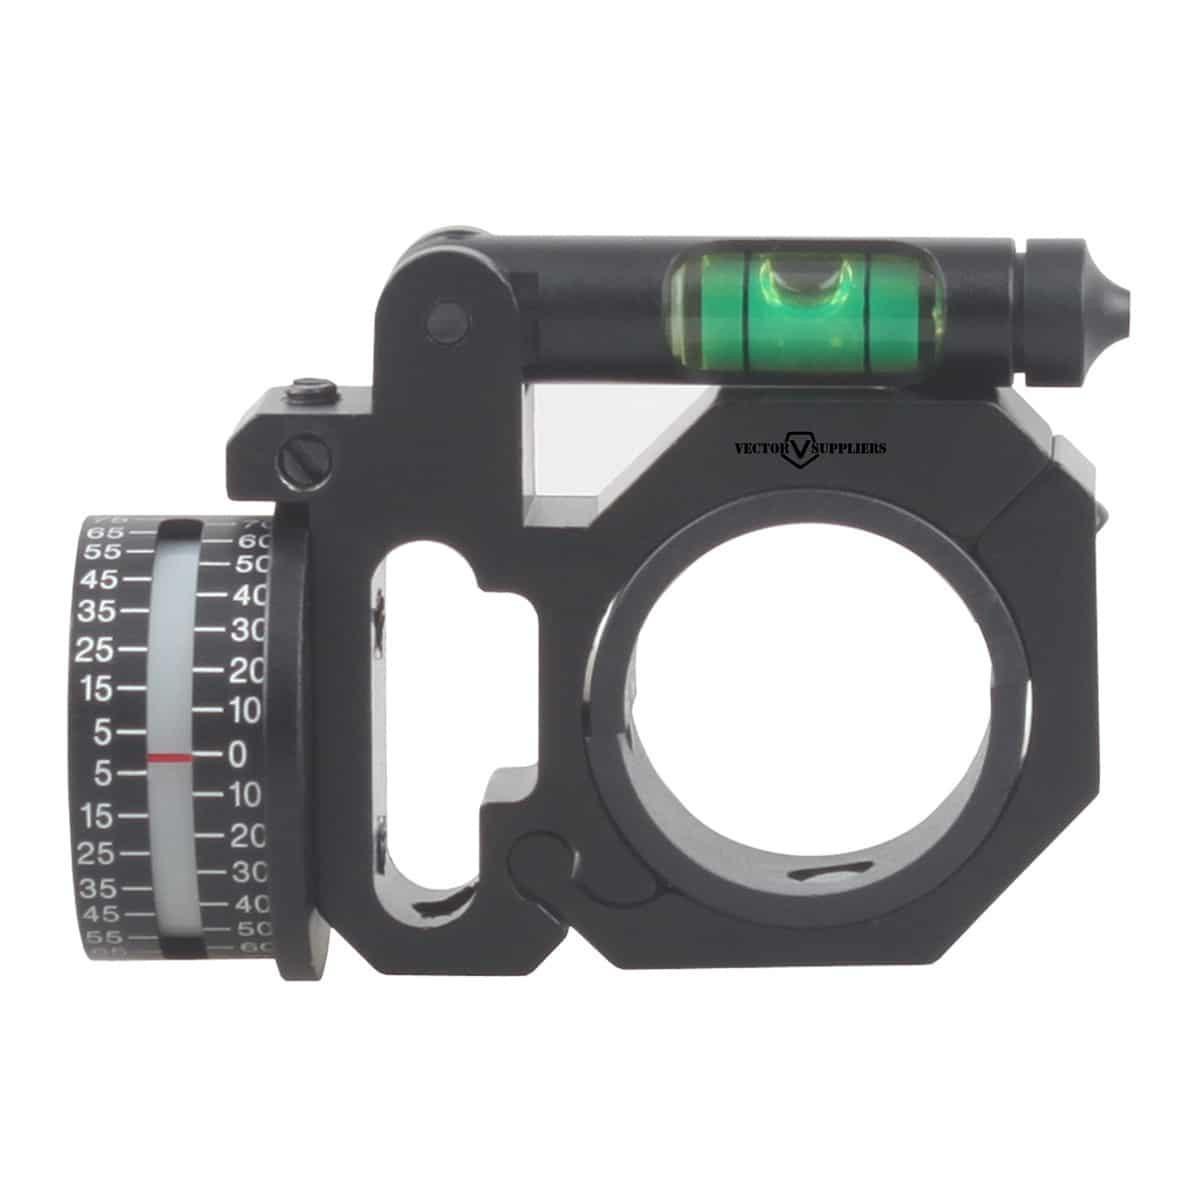 Anel para Luneta Vector Optics 30mm com indicador de ângulo